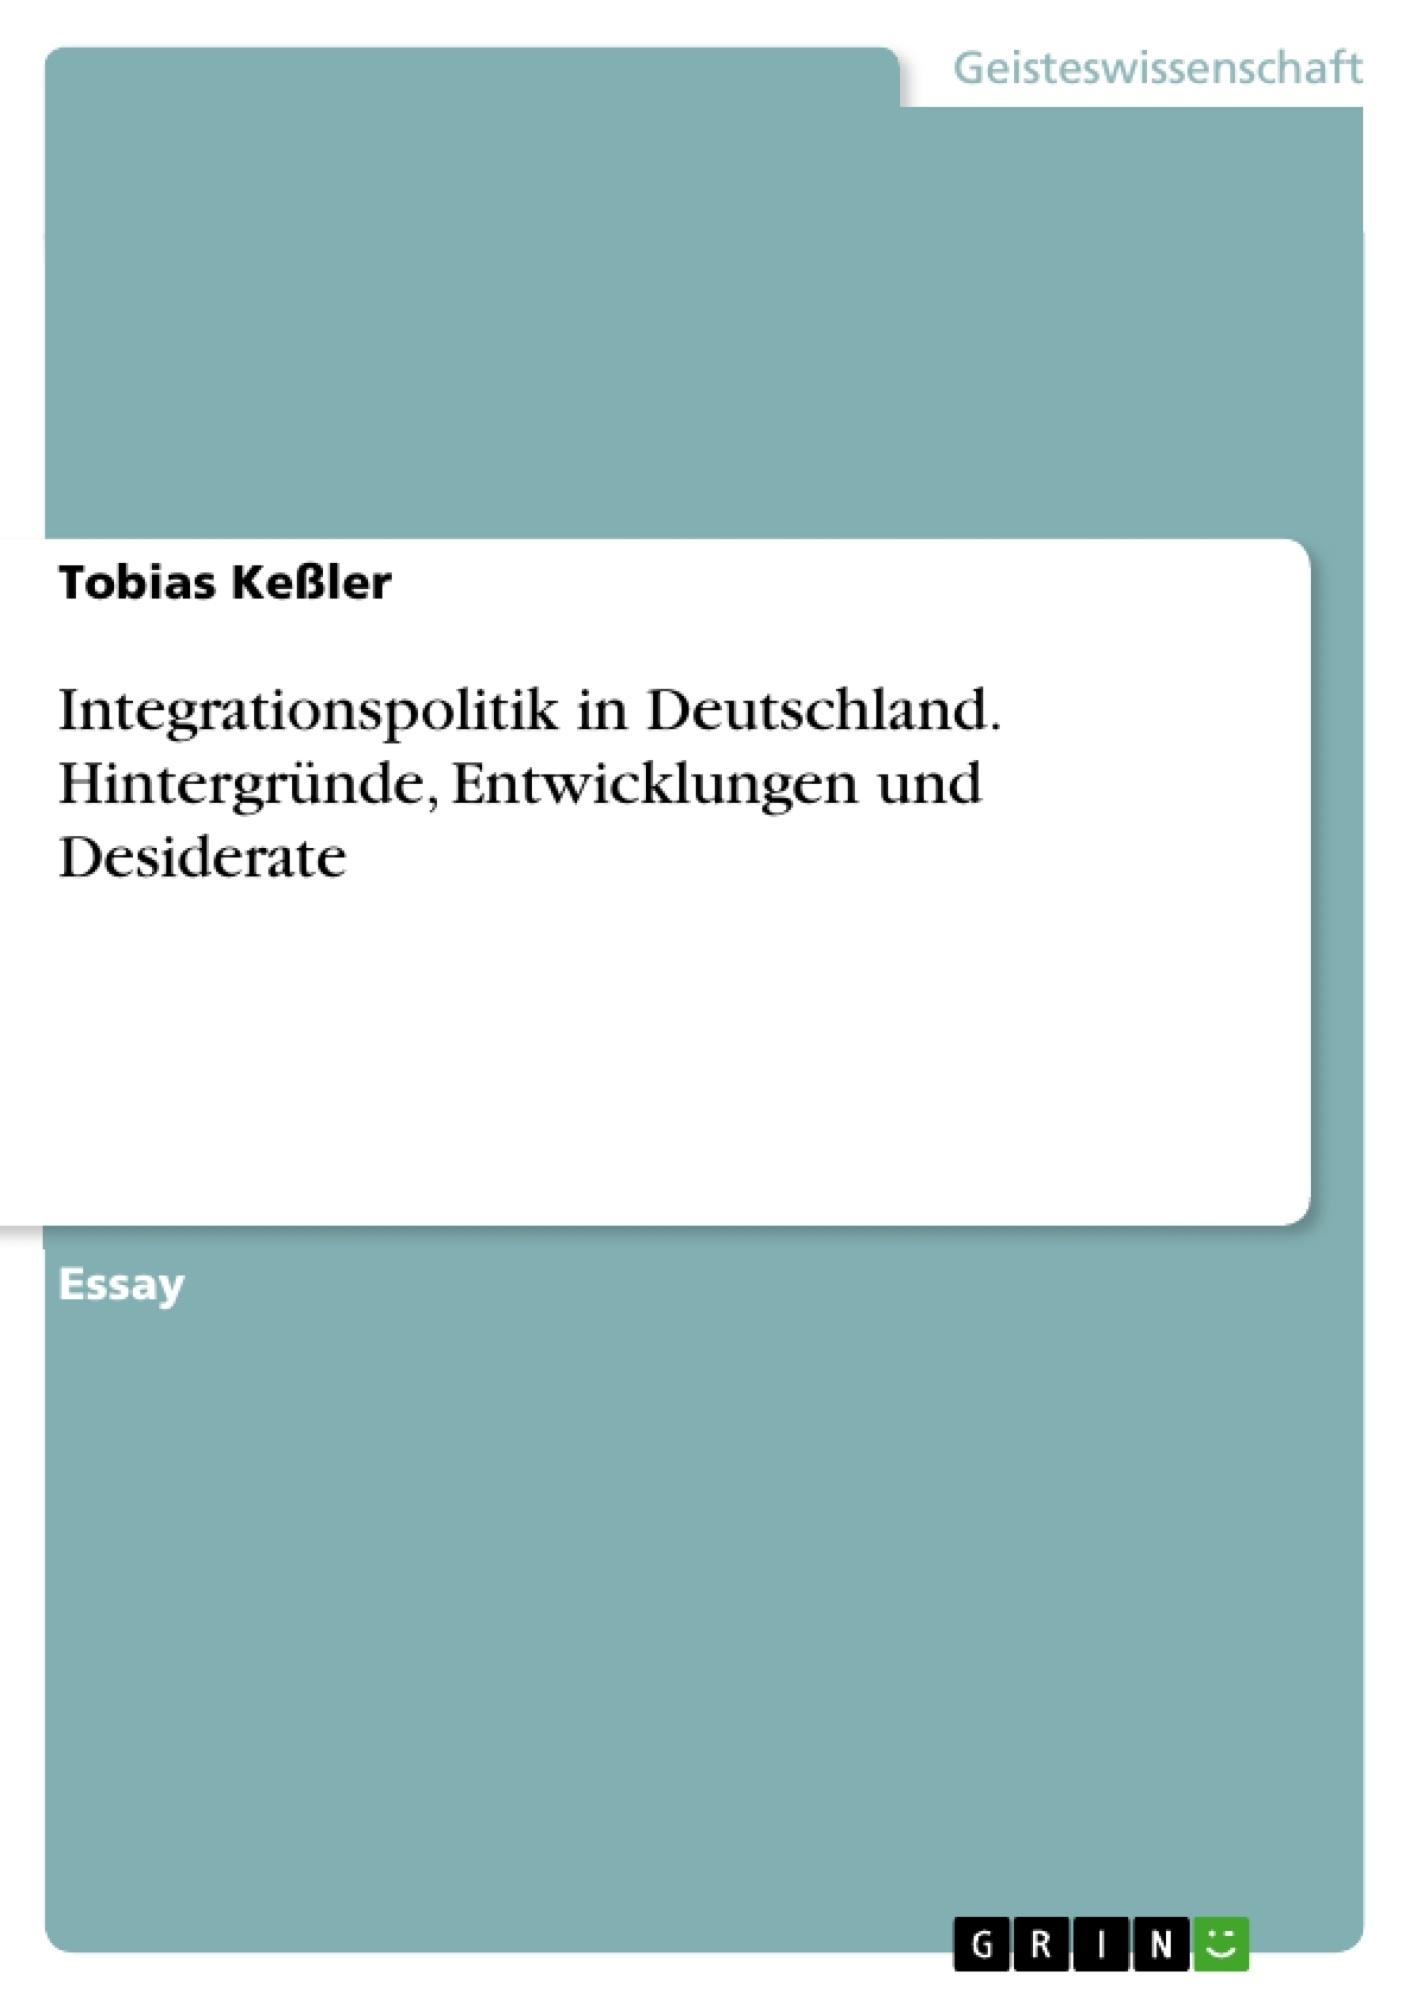 Titel: Integrationspolitik in Deutschland. Hintergründe, Entwicklungen und Desiderate